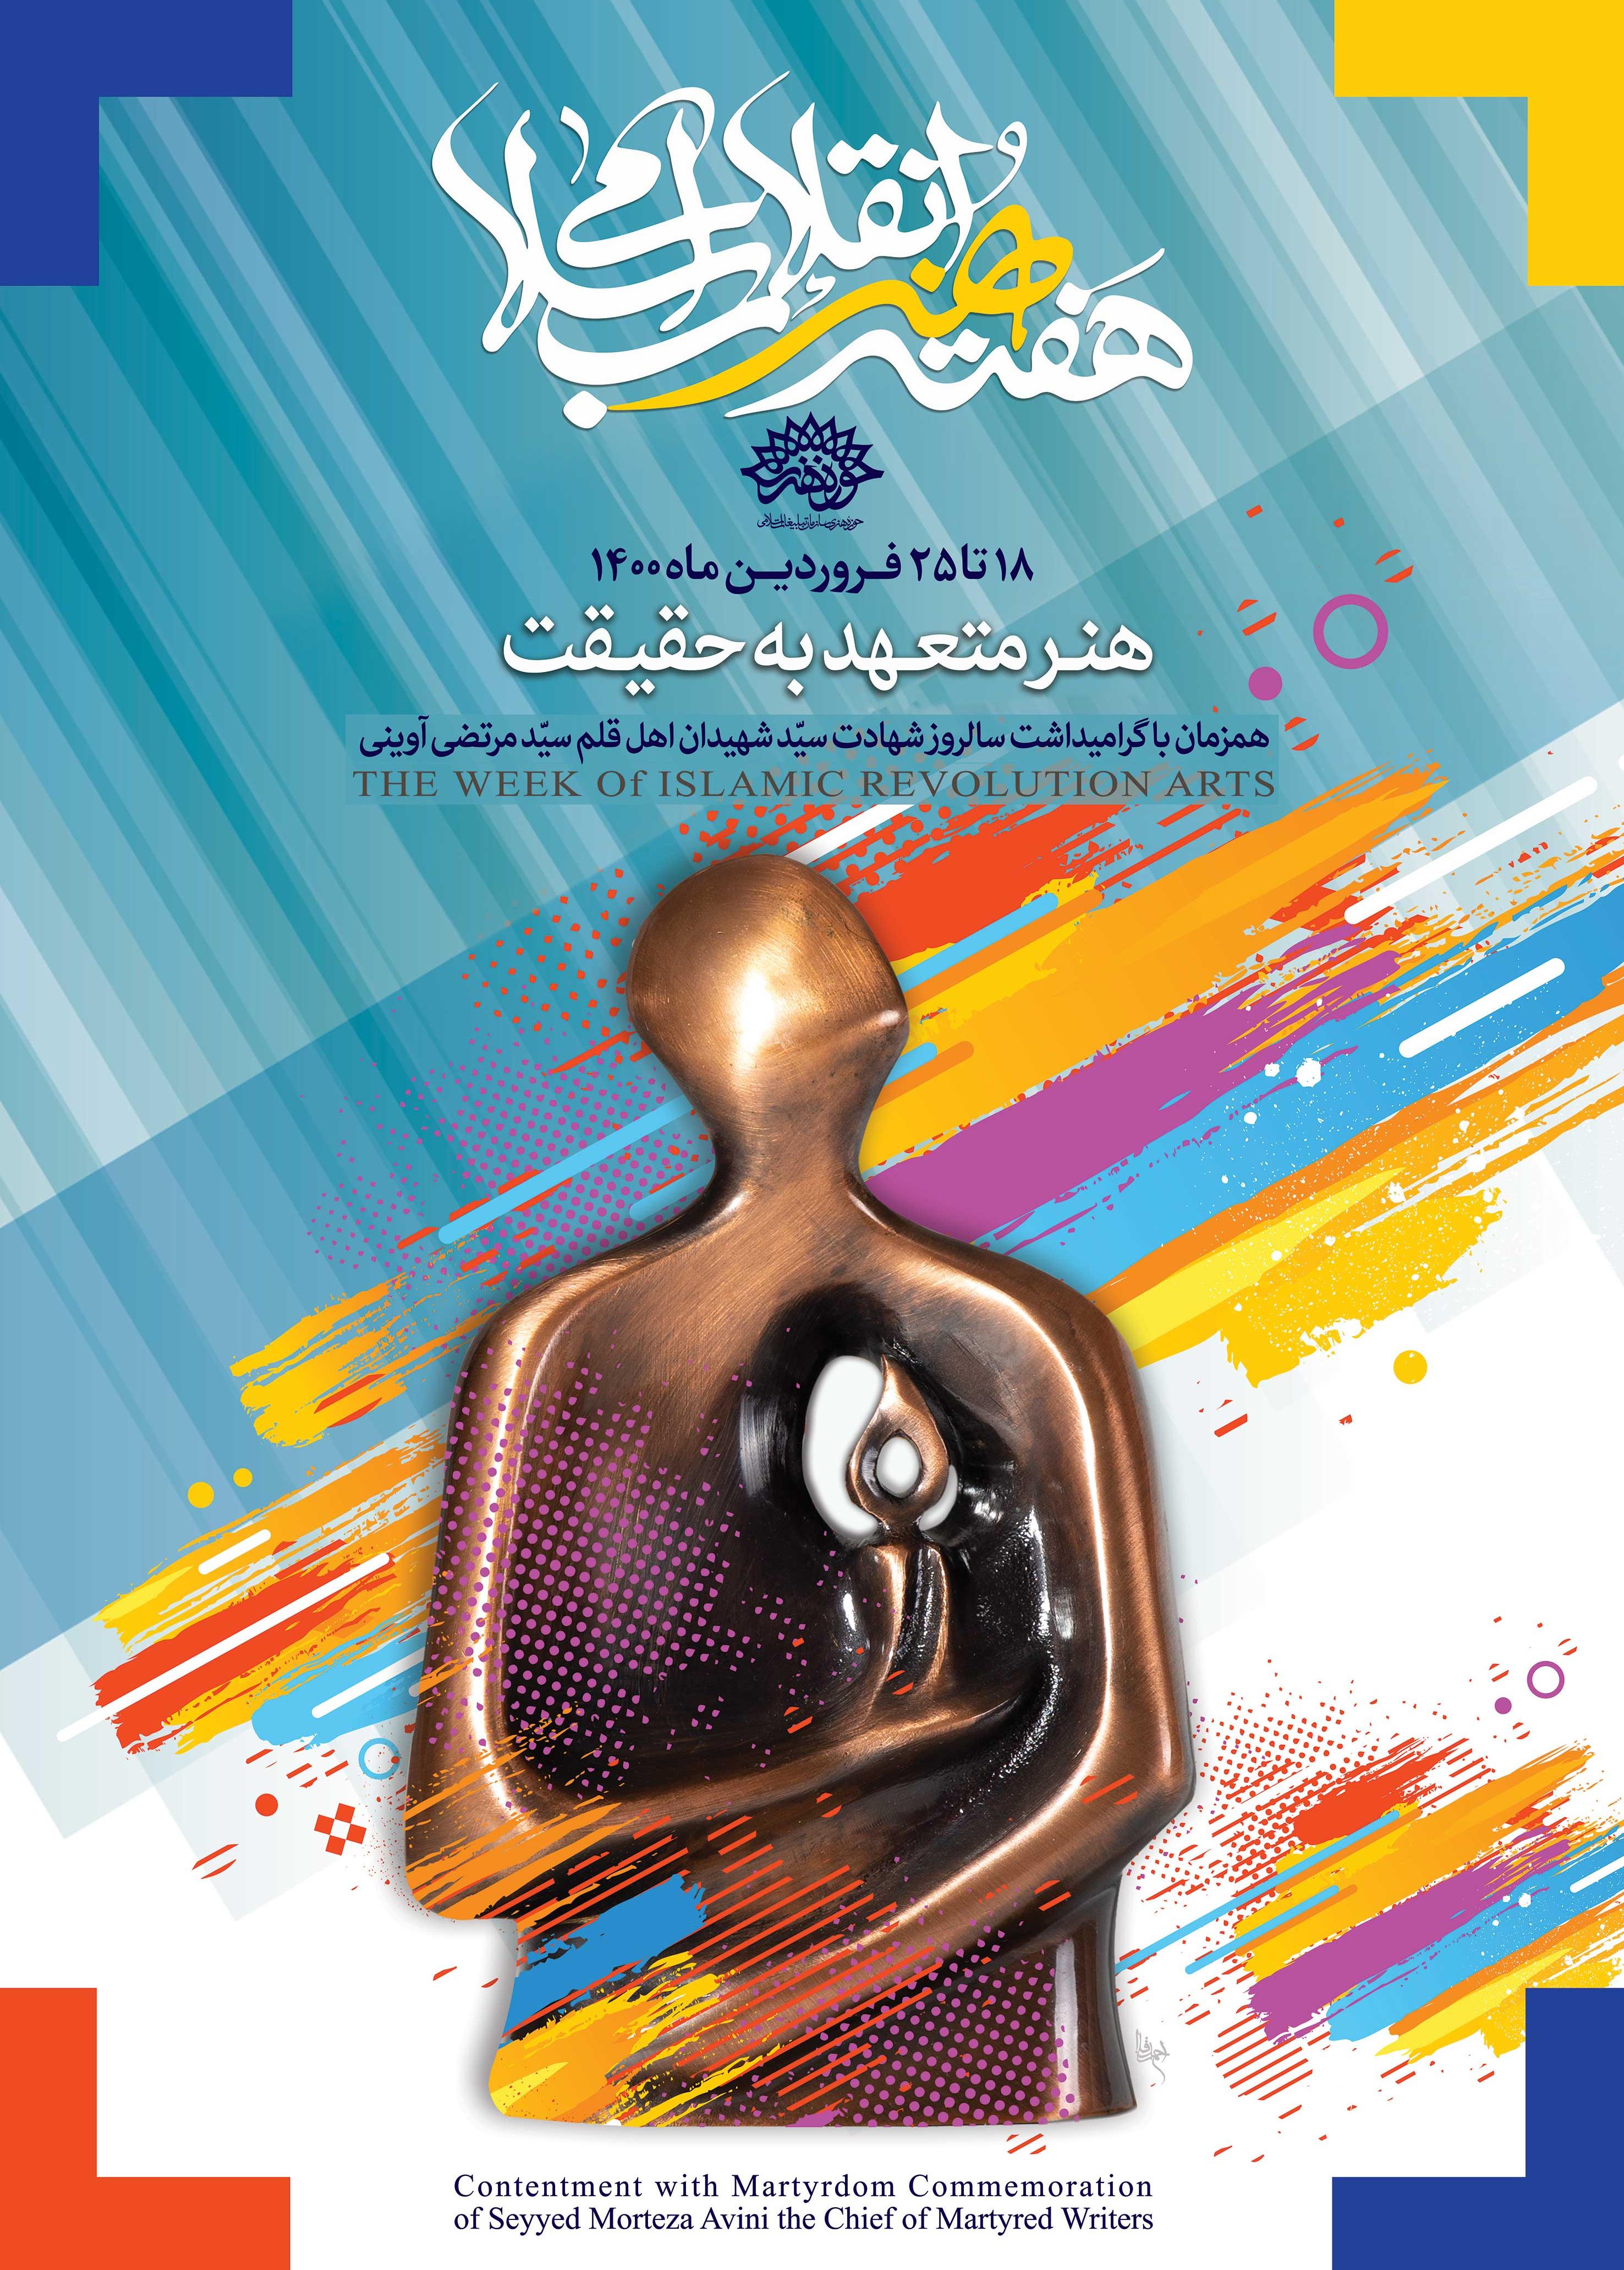 انقلاب اسلامی ایران، انقلاب فرهنگی است/هنر انقلاب به معنای اصلی آن را نداریم و به سمت آن هم نرفتیم!